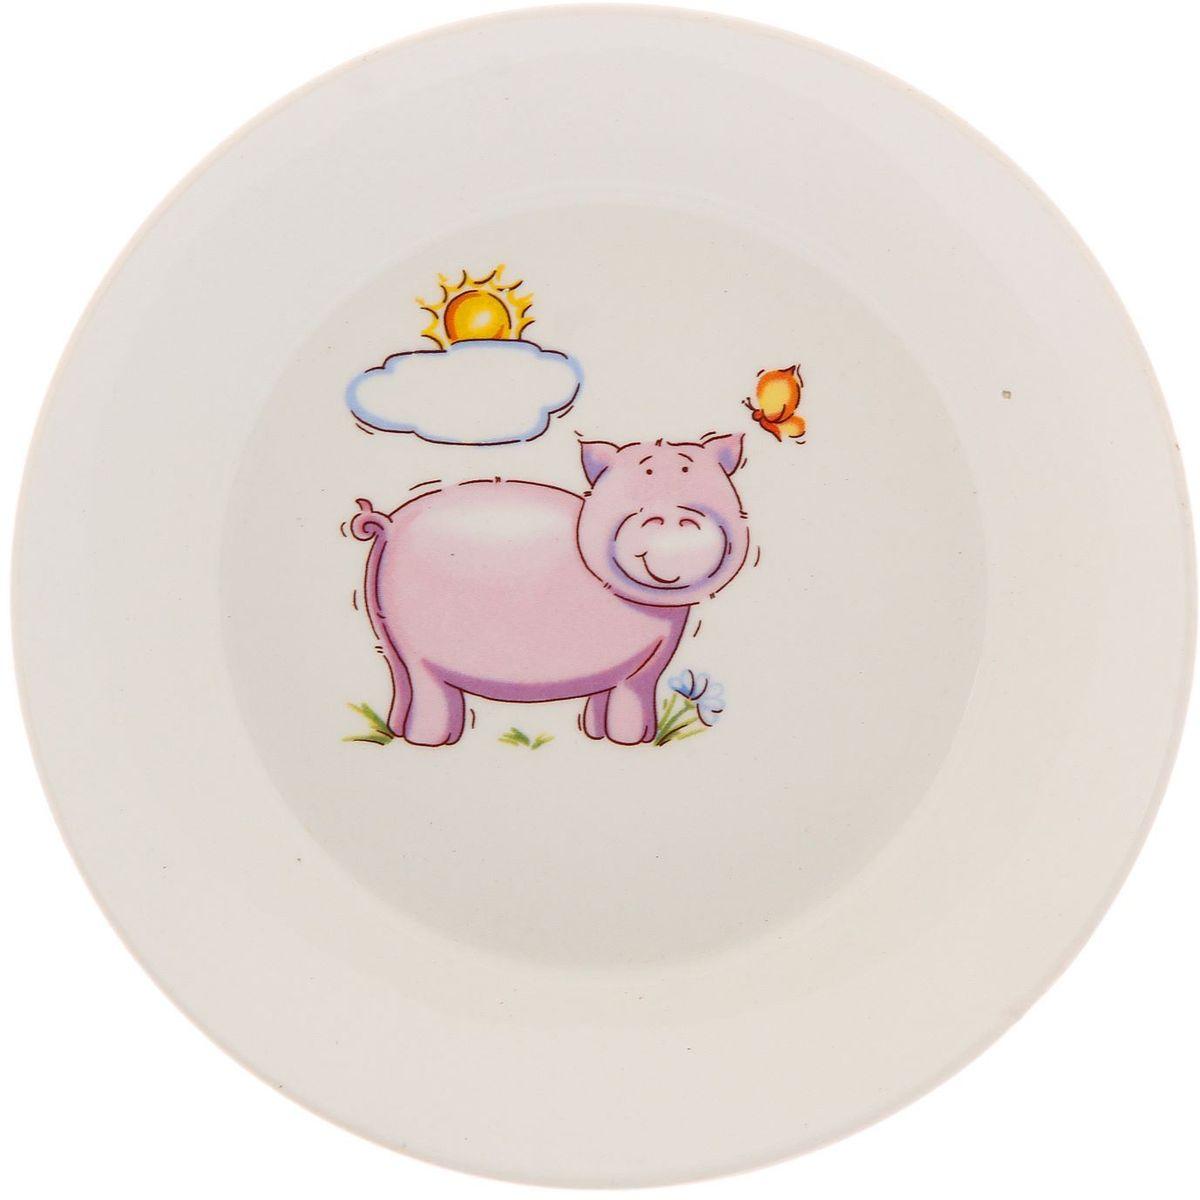 Кубаньфарфор Блюдце Зоопарк2220070Фаянсовая детская посуда с забавным рисунком понравится каждому малышу. Изделие из качественного материала станет правильным выбором для повседневной эксплуатации и поможет превратить каждый прием пищи в радостное приключение.Особенности:- простота мойки,- стойкость к запахам,- насыщенный цвет.